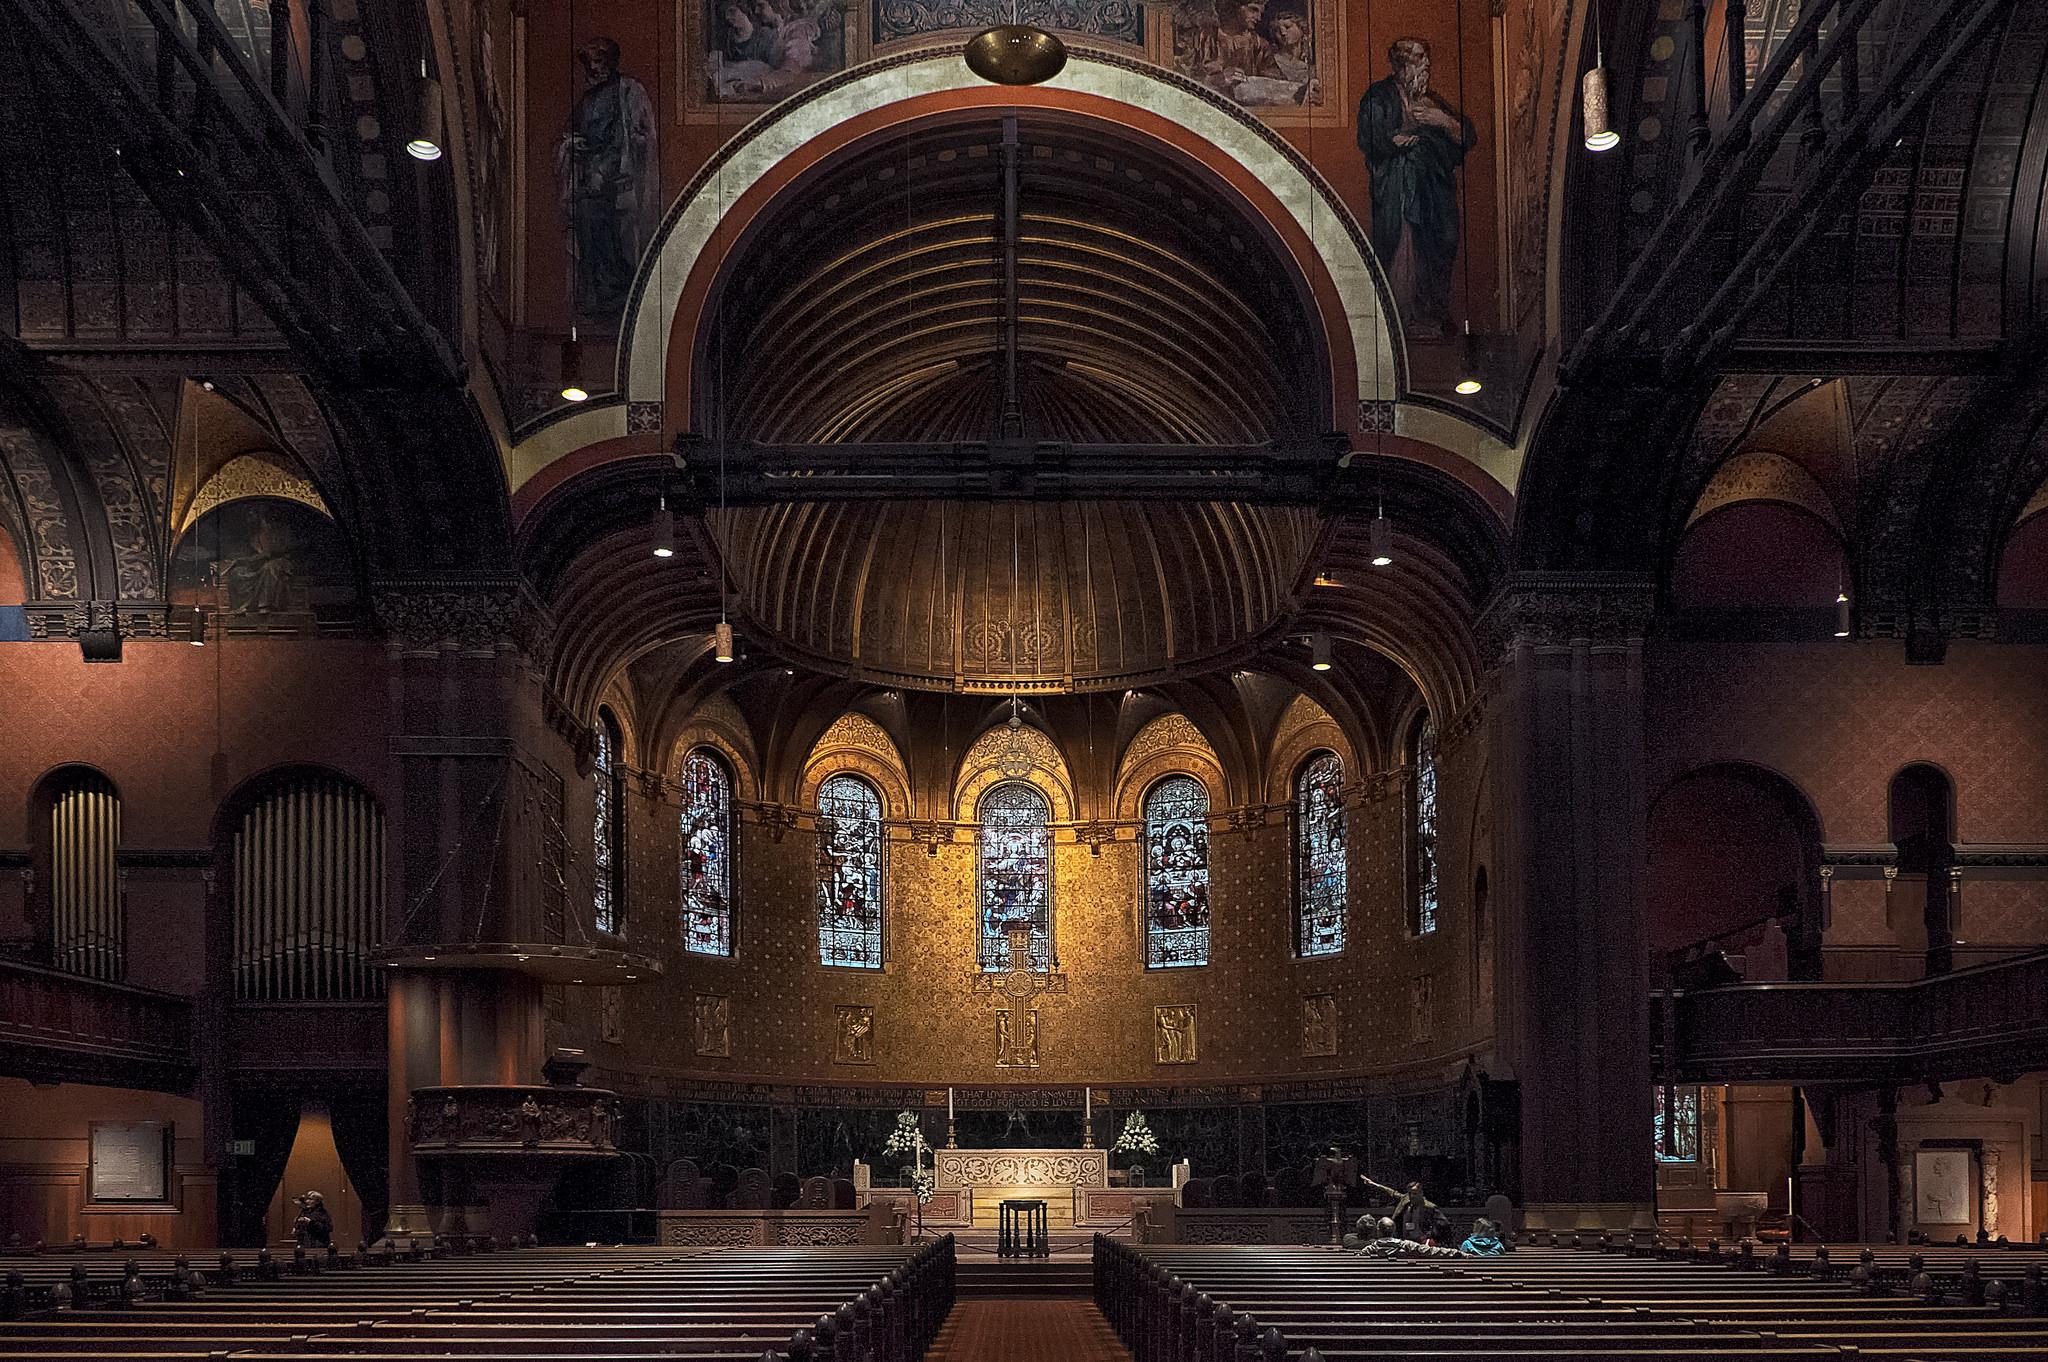 Церковь архитектора Генри Гобсона Ричардсона